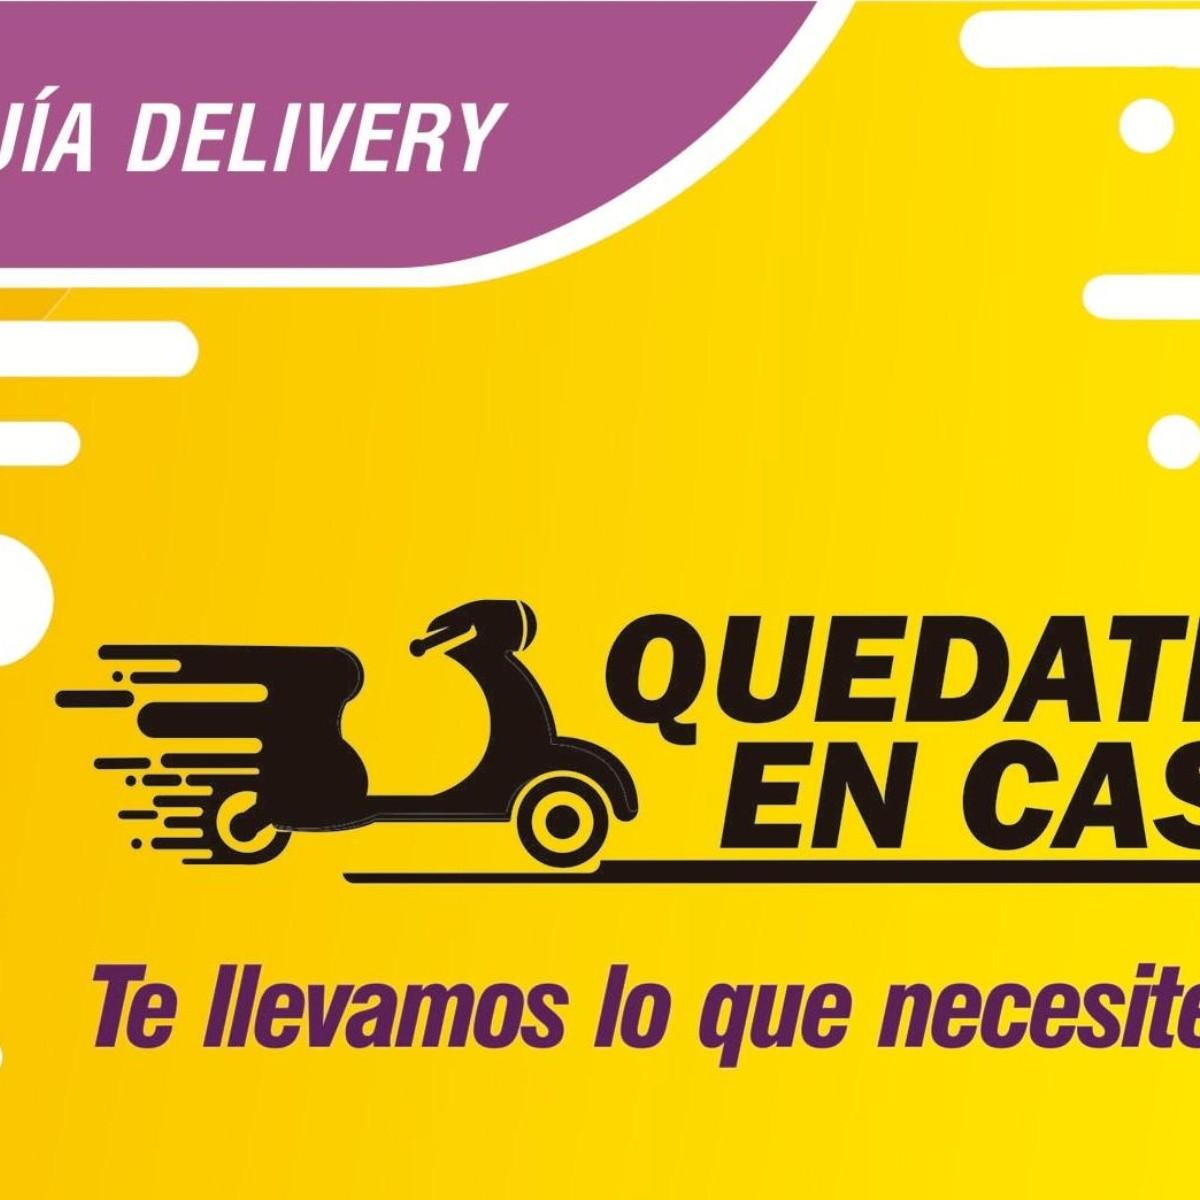 Guía de delivery de San Juan |